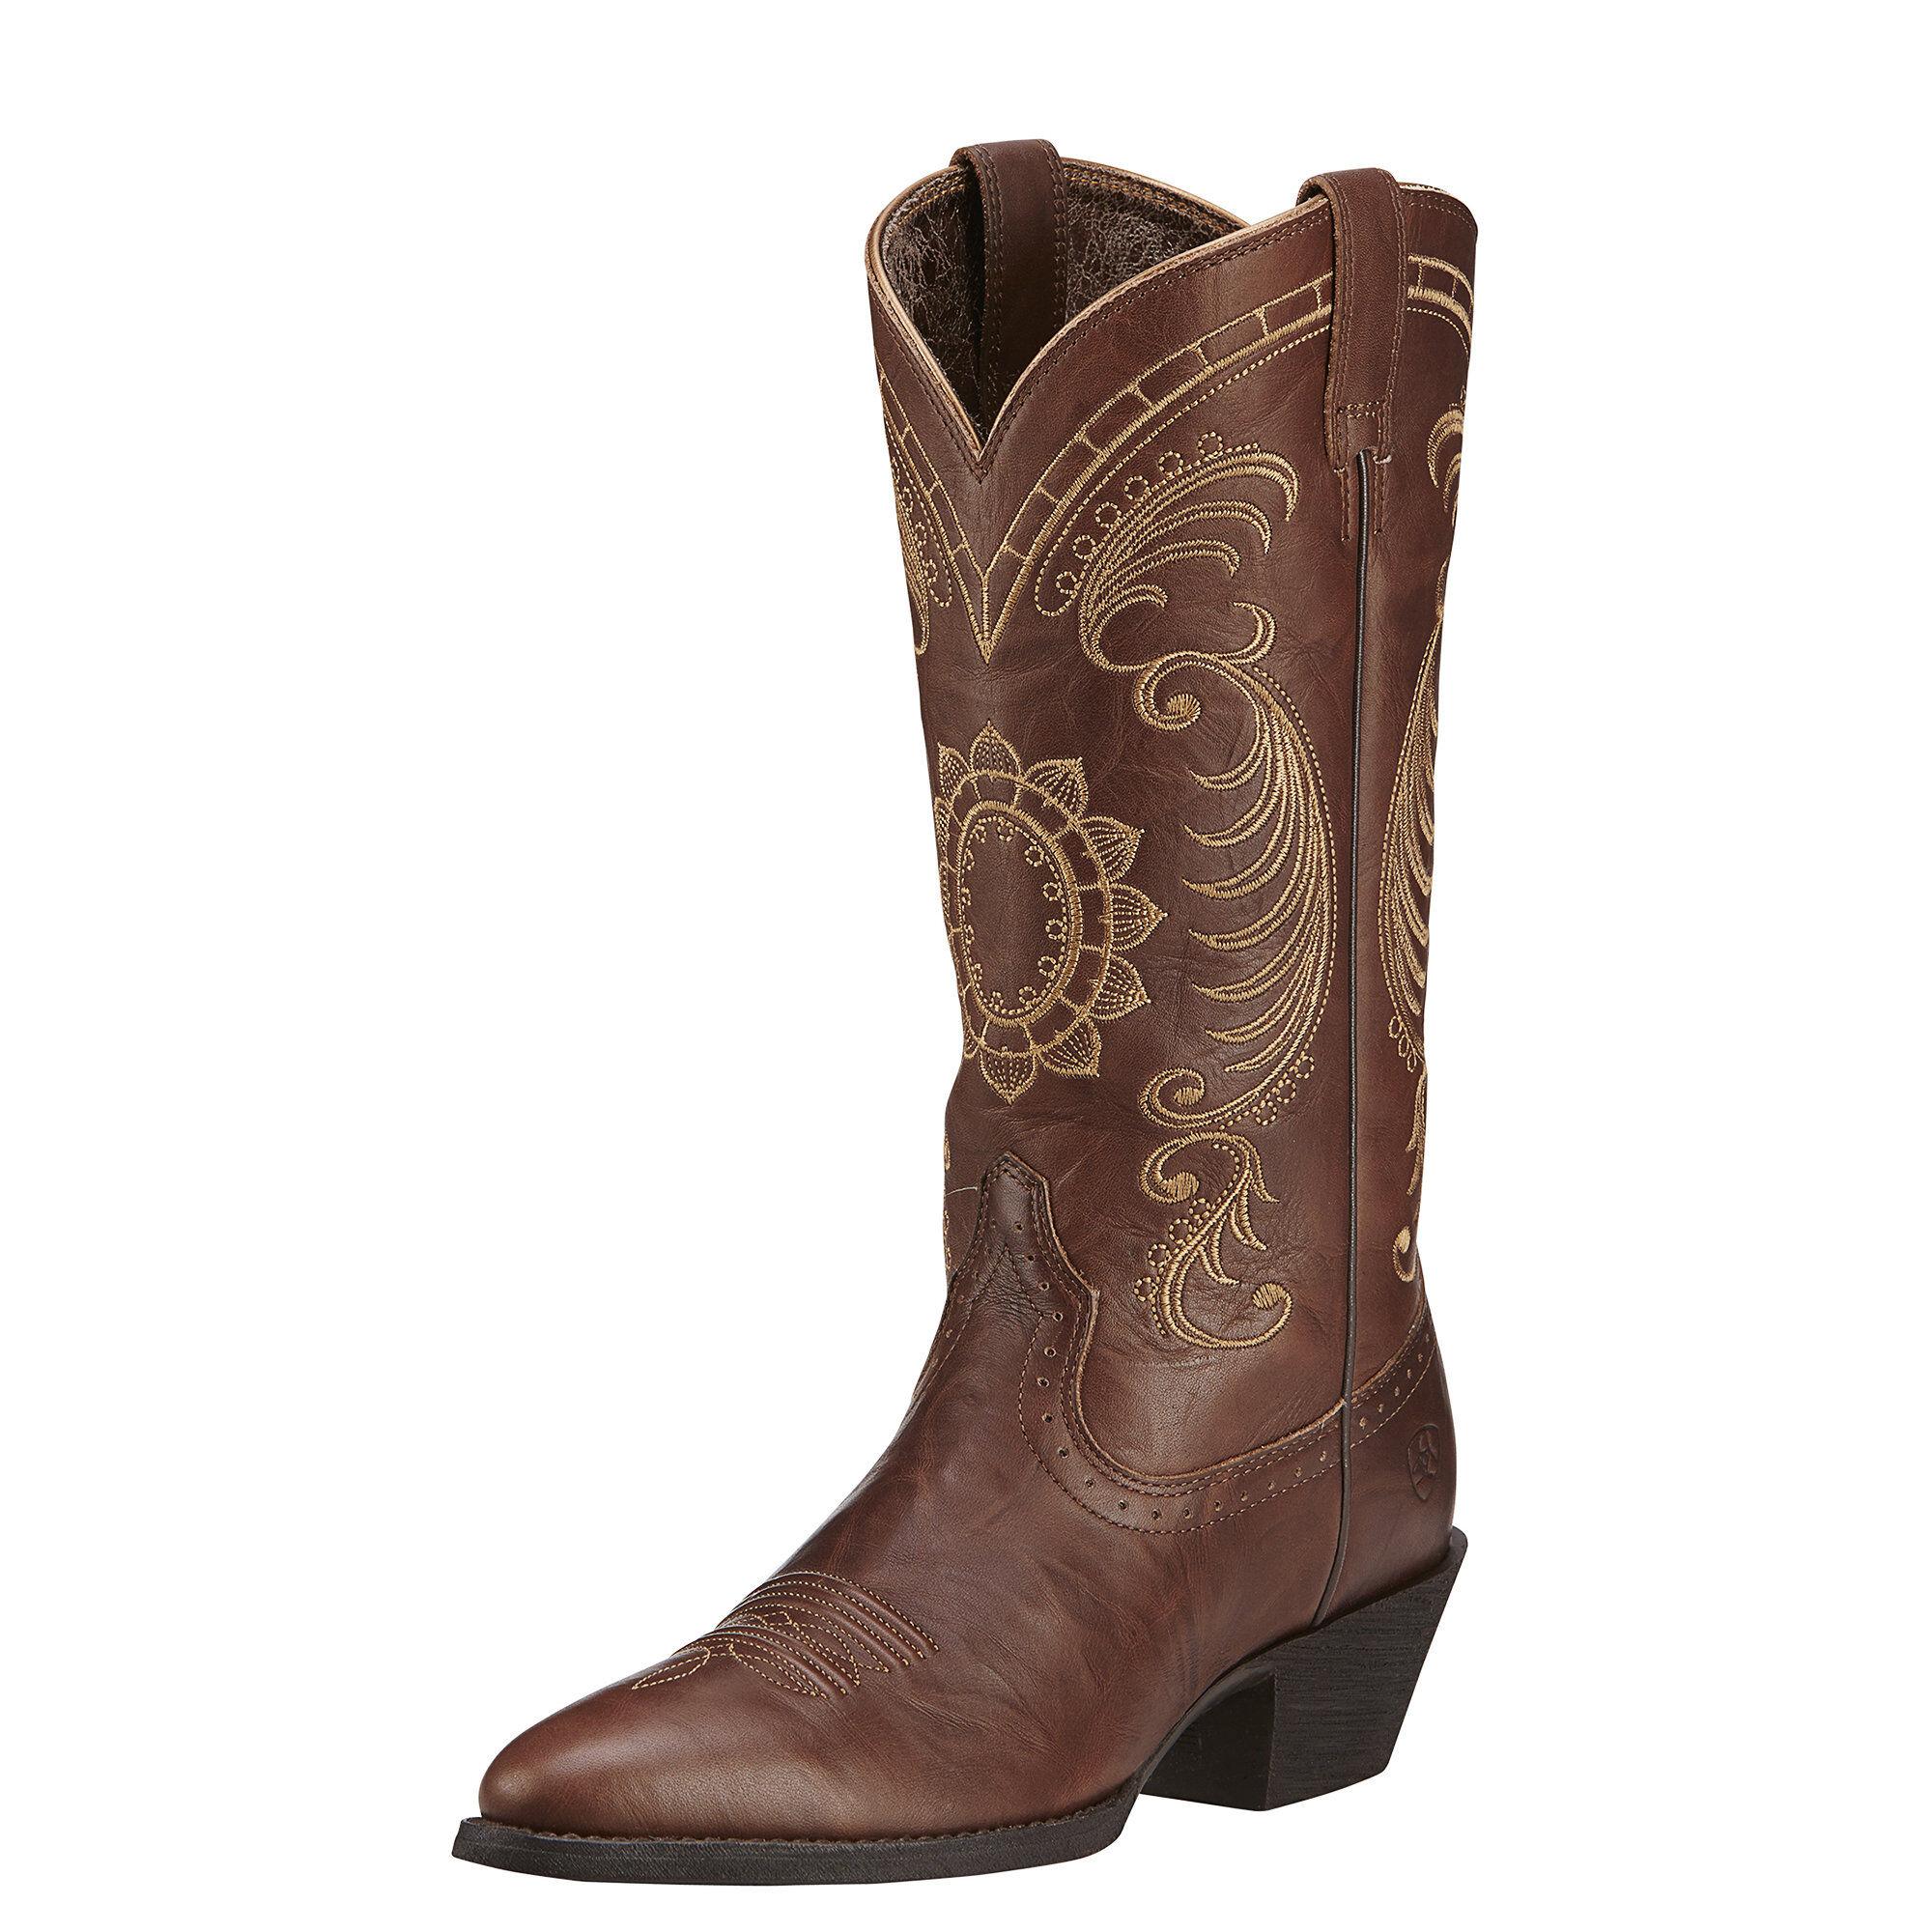 101b8ae66c Images. Magnolia Western Boot